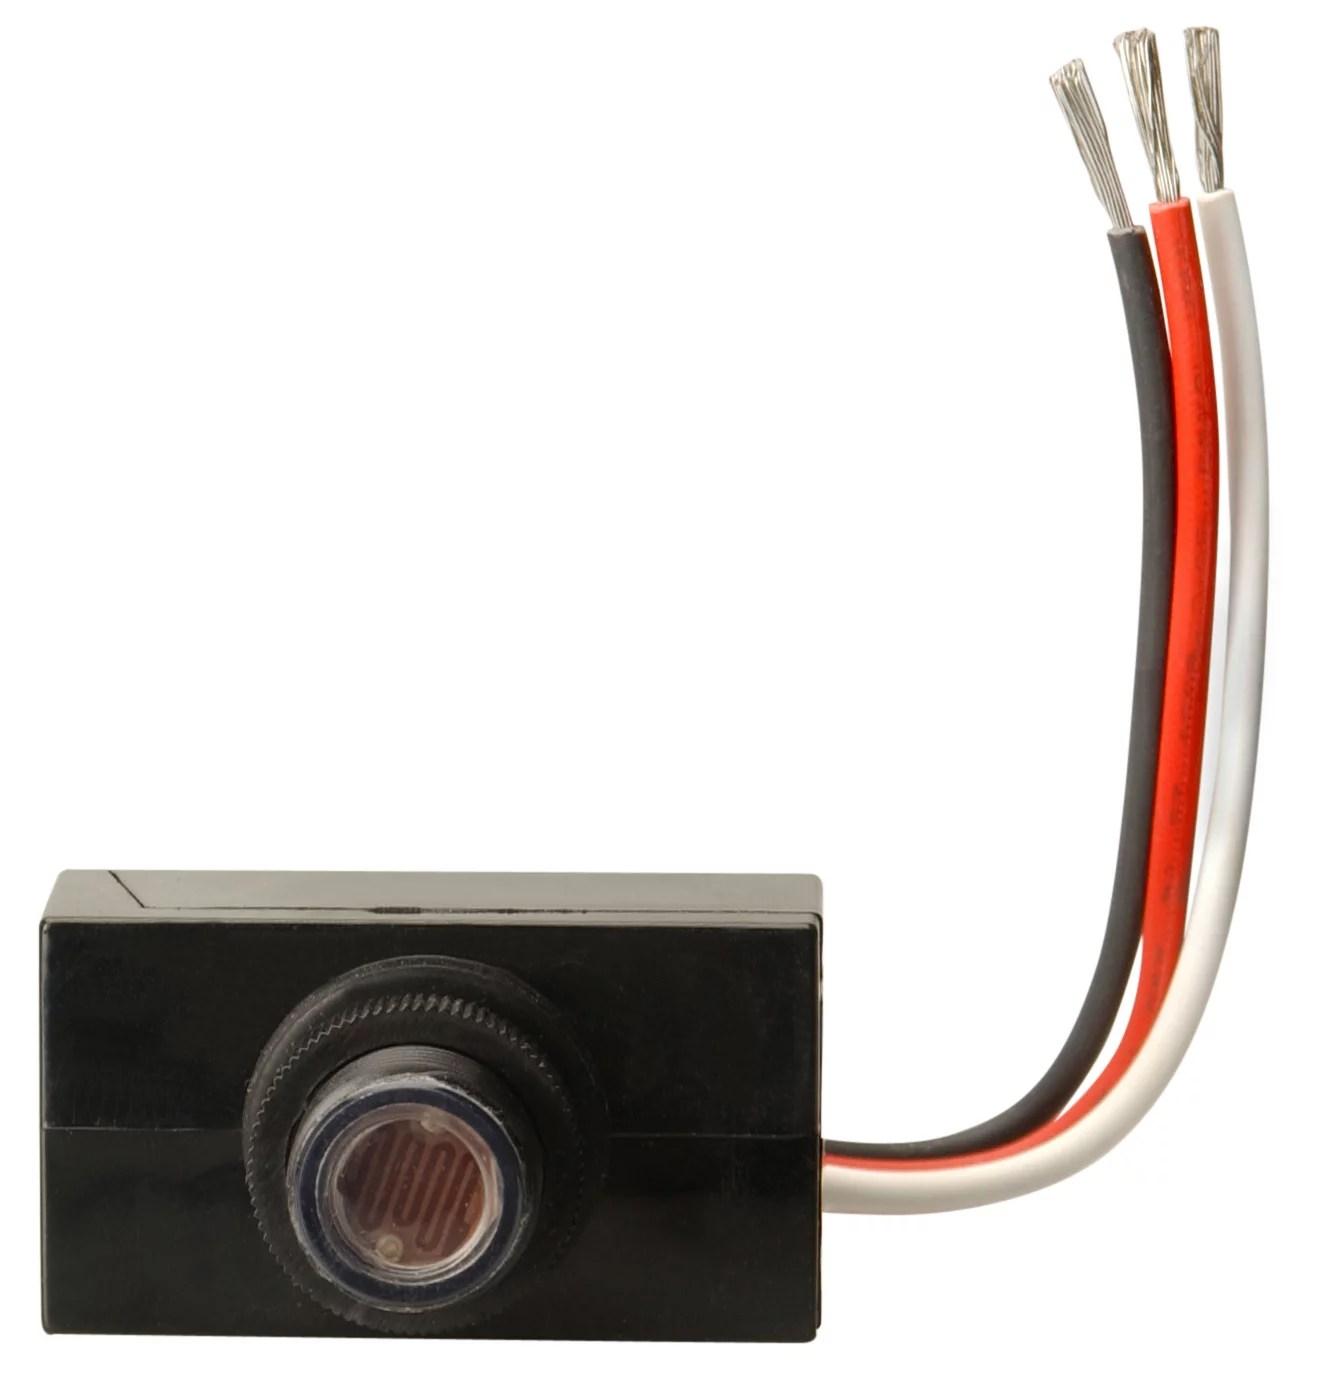 277 volt lighting diagram 277v ballast wiring diagram 277 volt lighting diagram #40